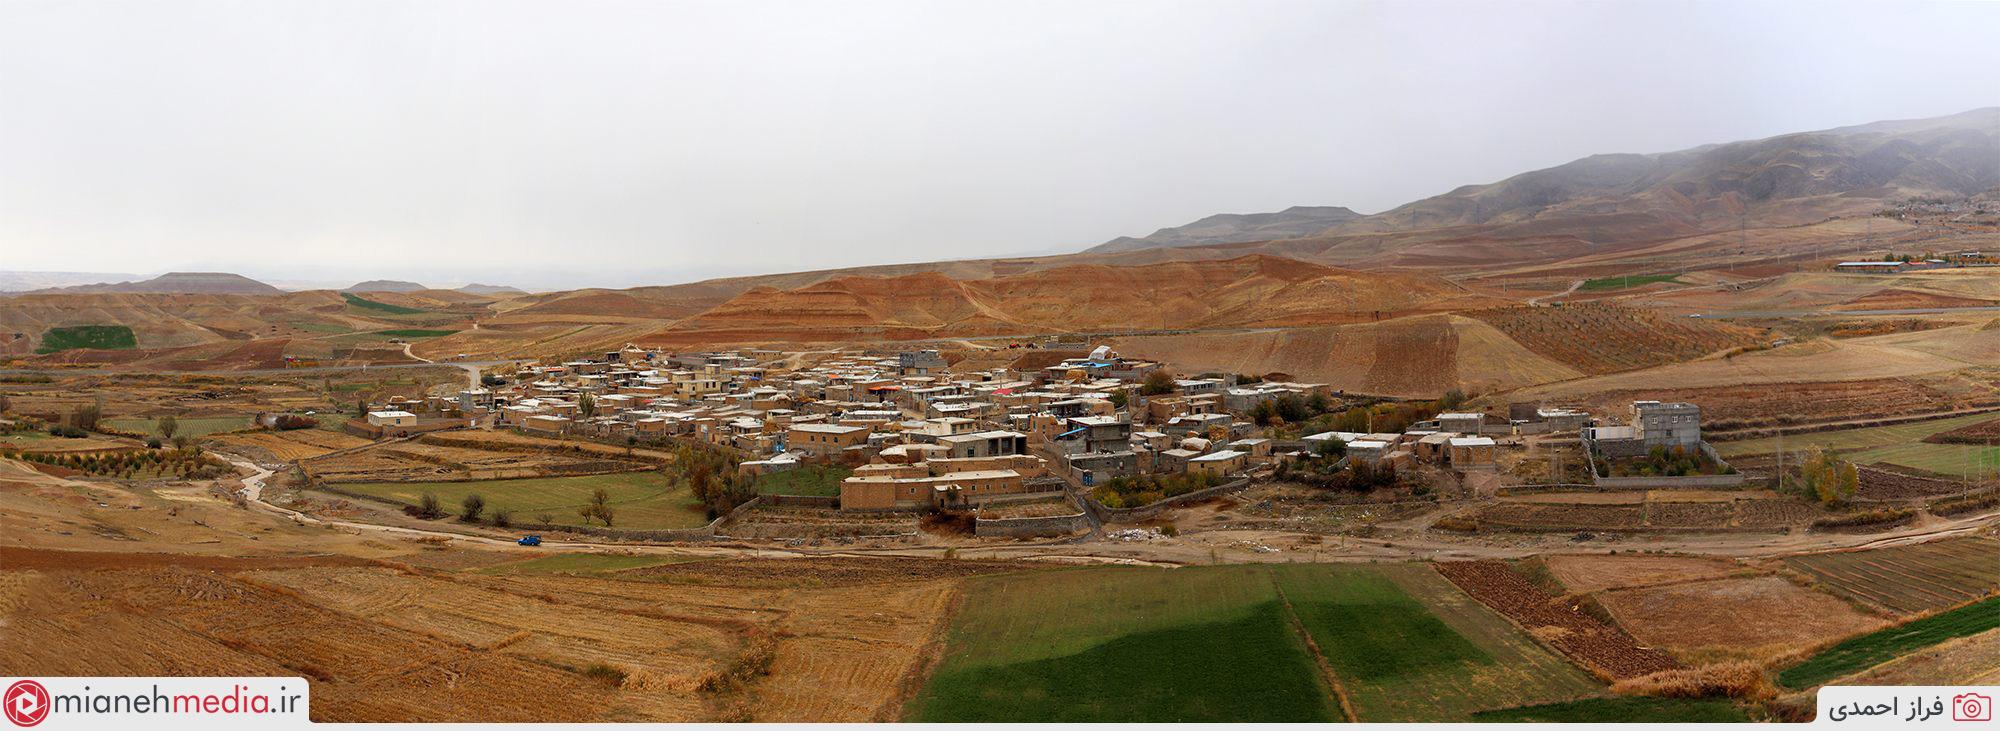 روستای قره بلاغ (قارا بولاق)